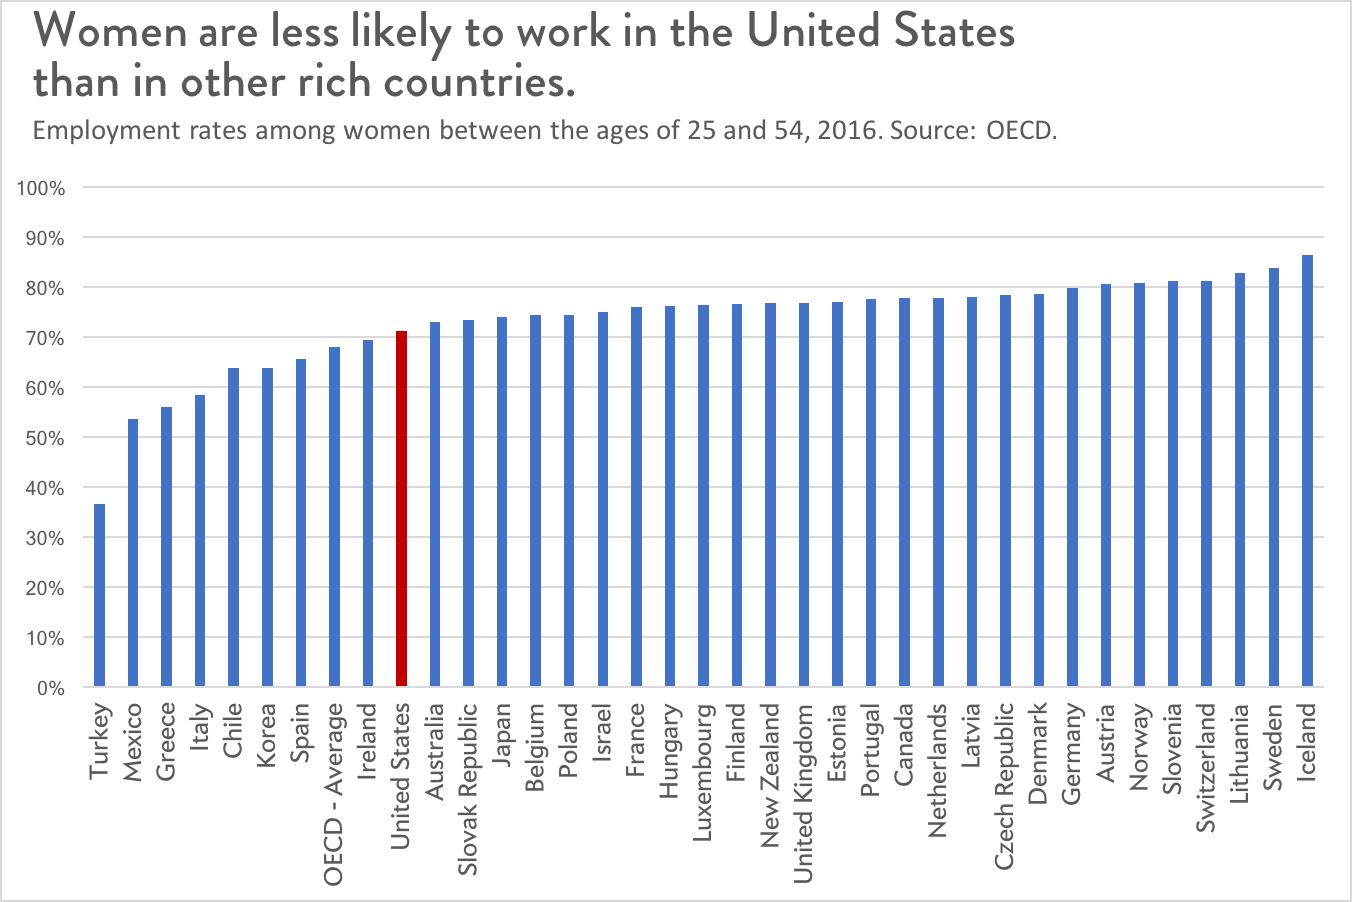 Women's labor force participation